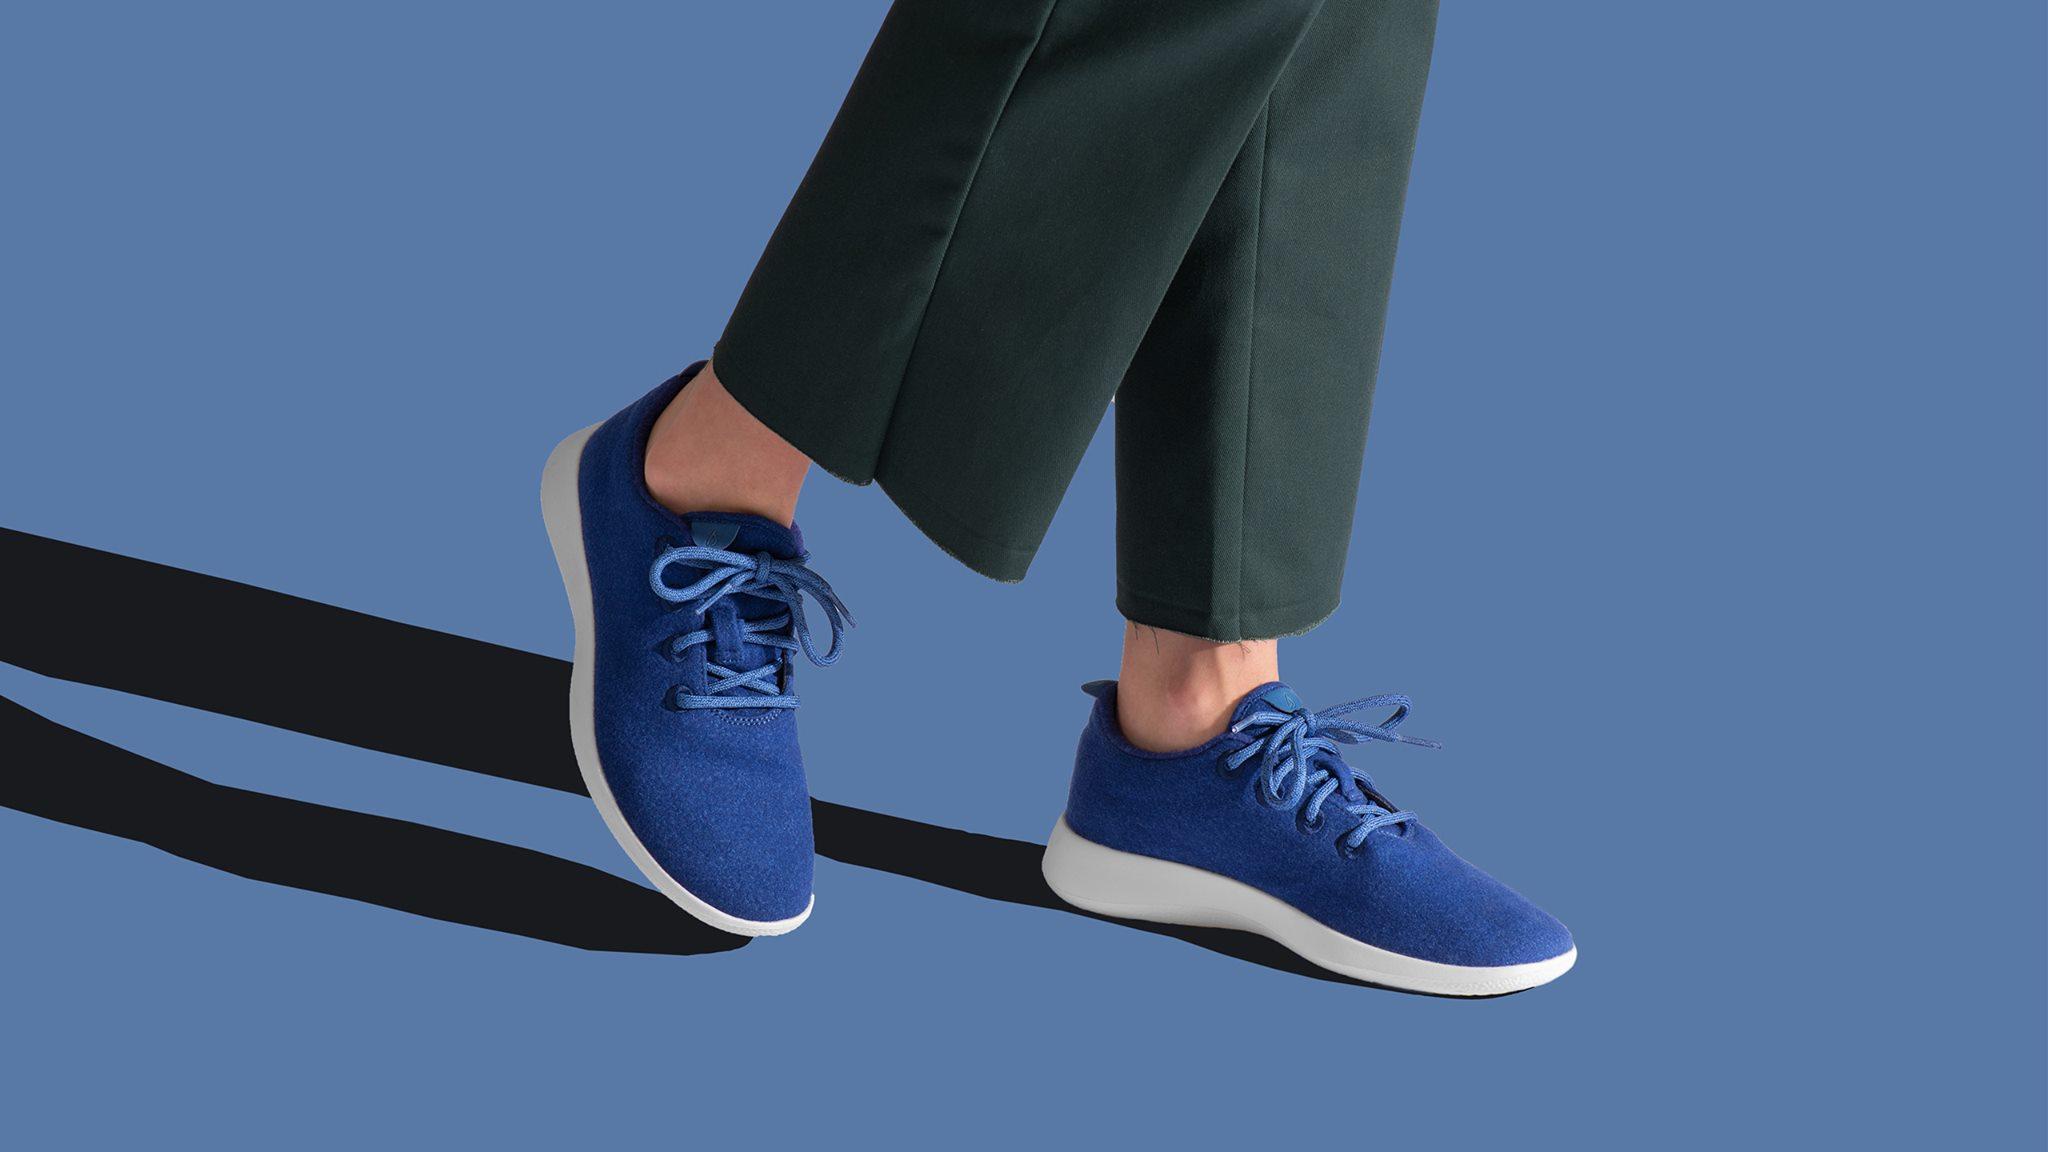 Foot wear brand